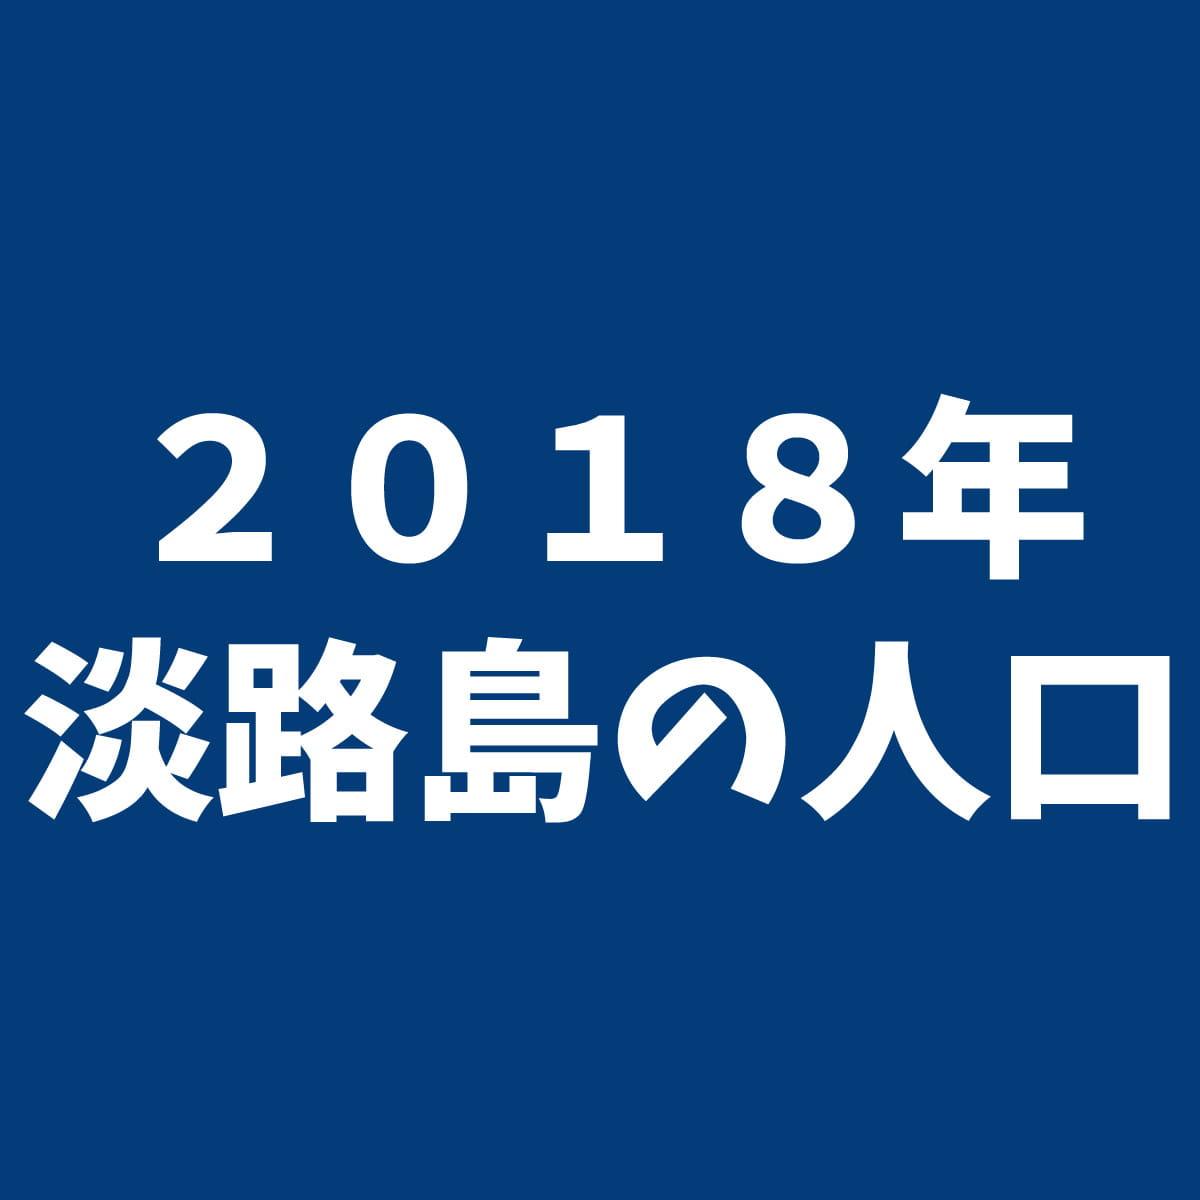 2018年の人口 淡路島